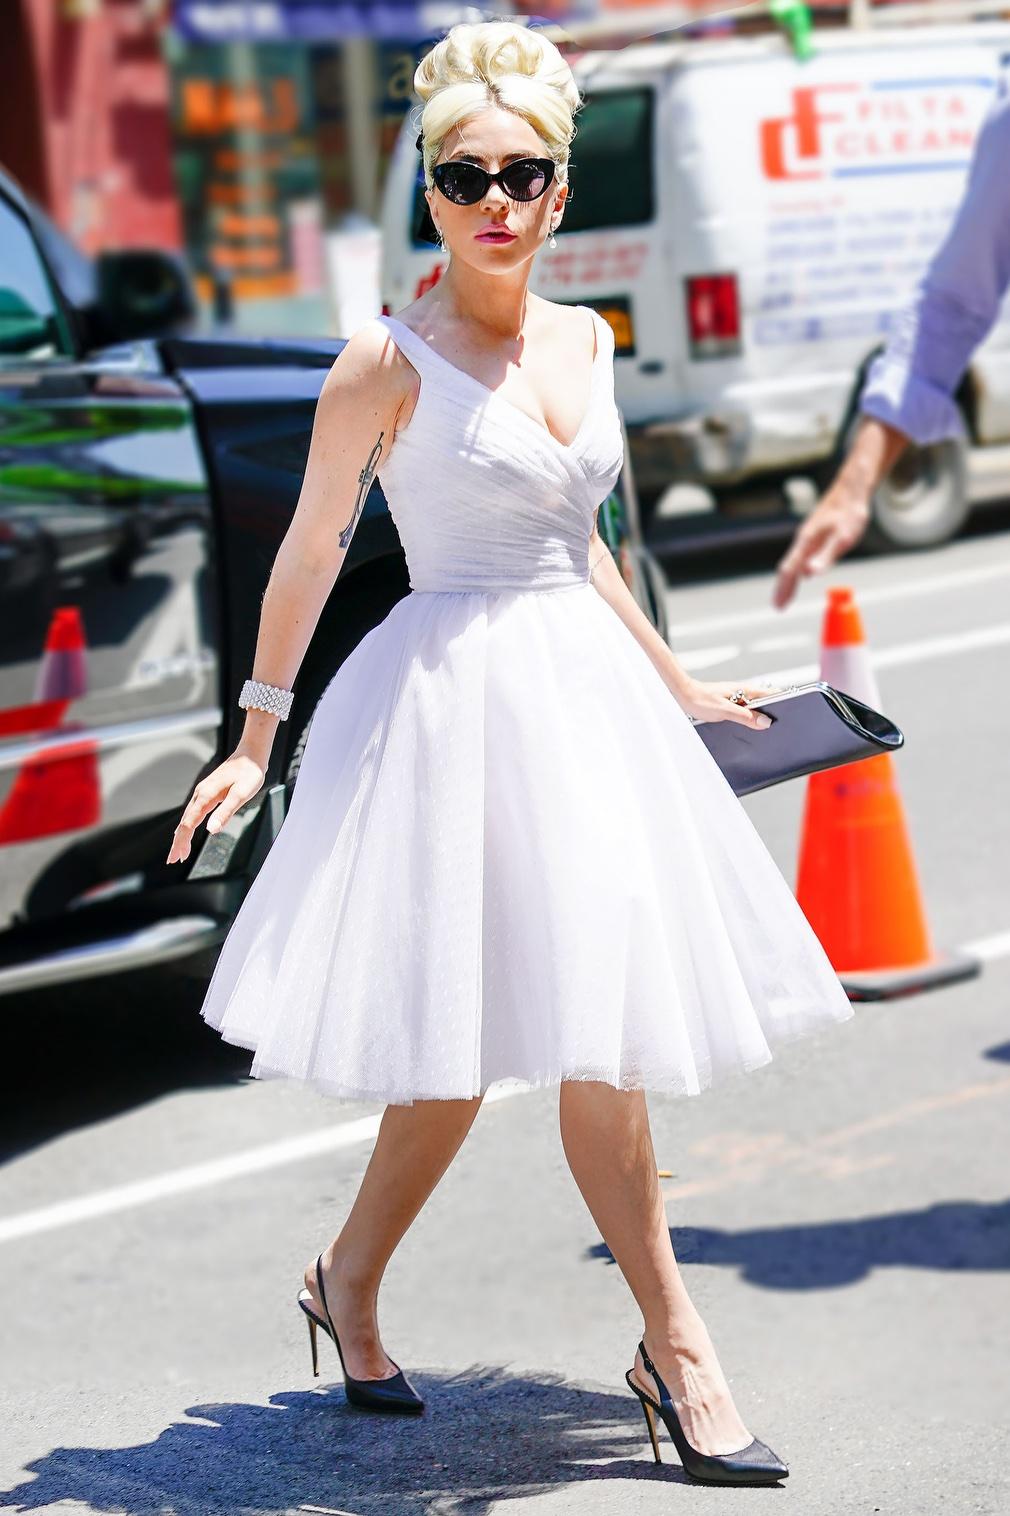 Lady Gaga Celebrity Style.jpeg